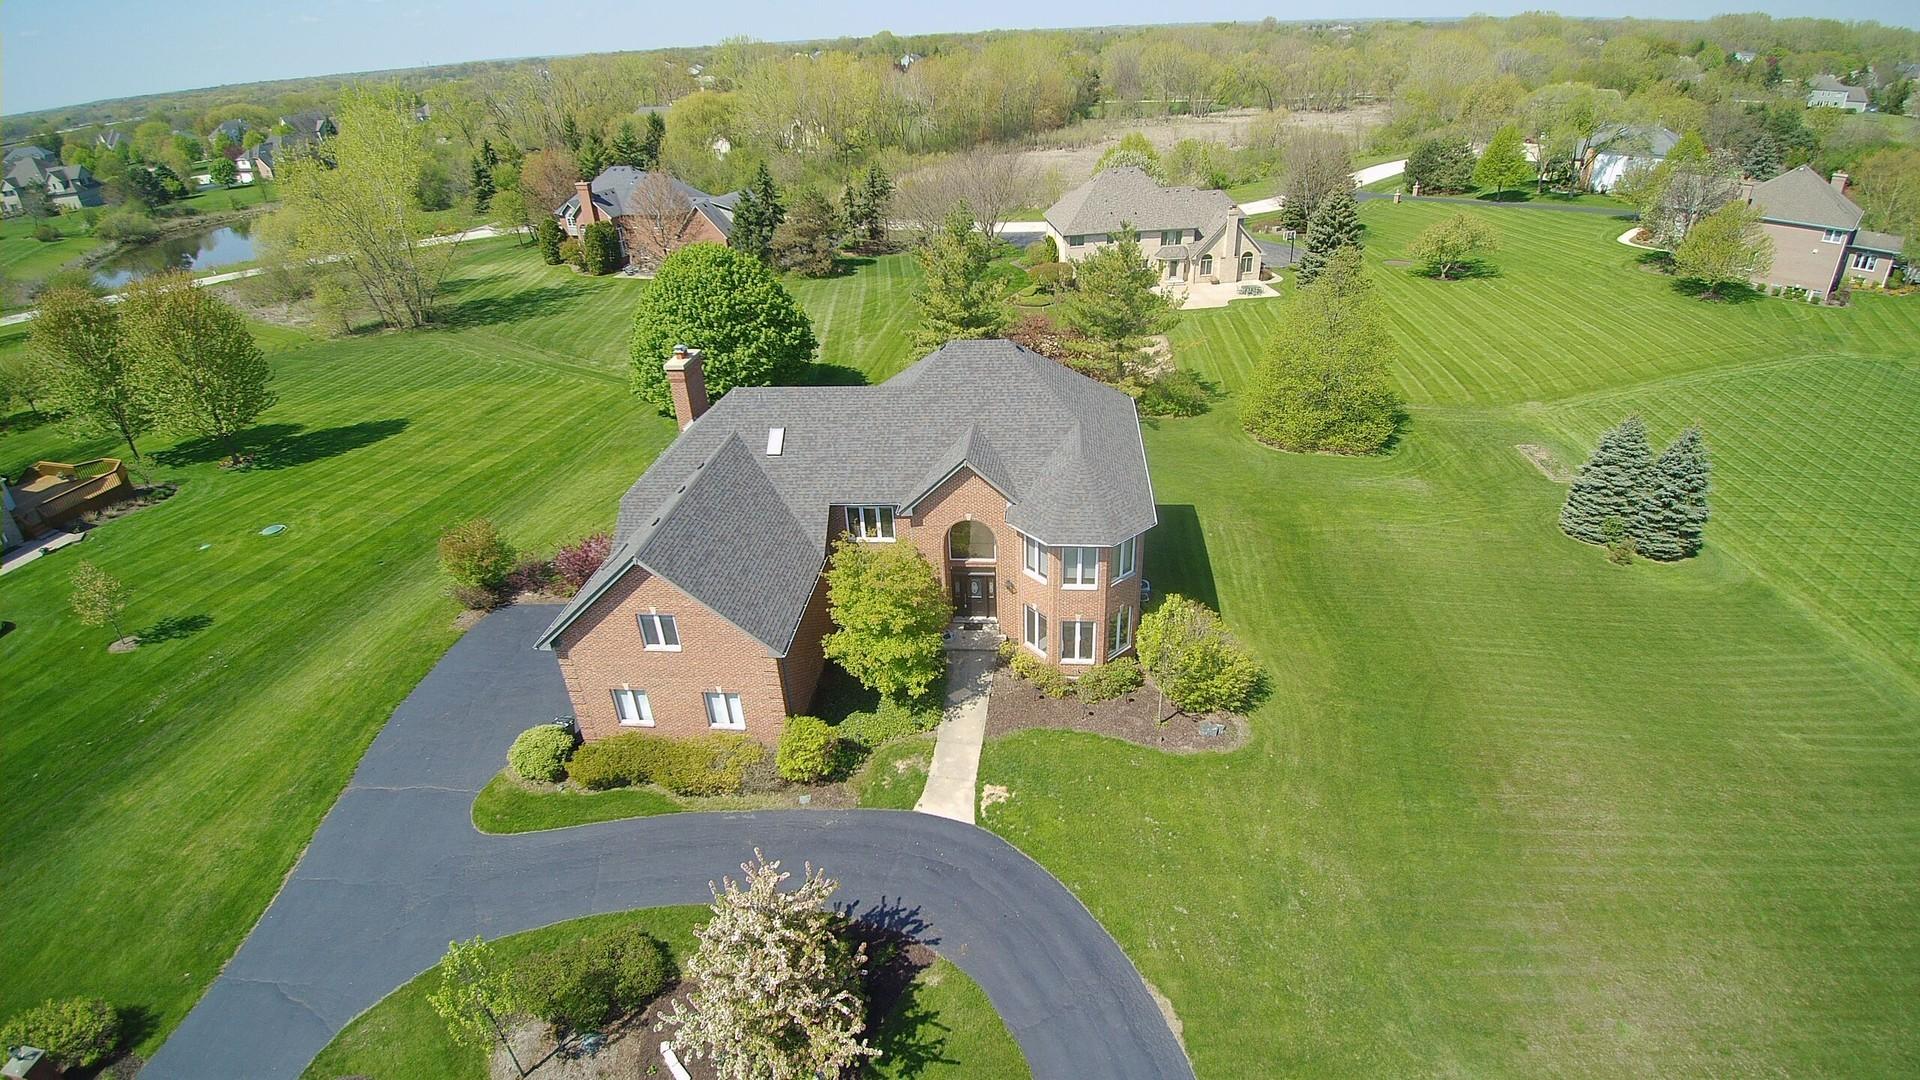 25438 North Northbridge Road, Hawthorn Woods, Illinois 60047